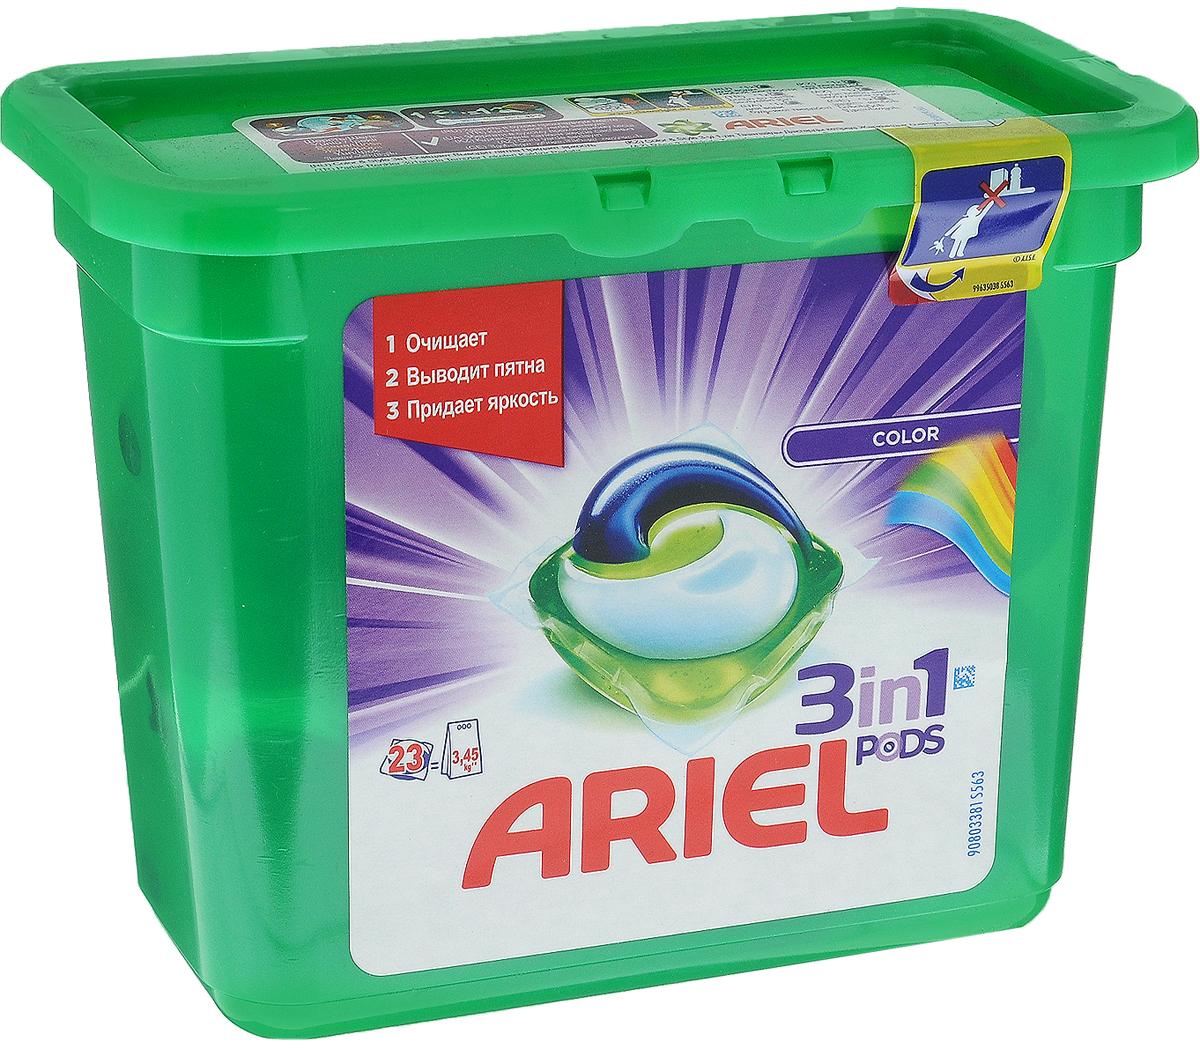 Капсулы для стирки Ariel 3 в 1. Color & Style, для цветного белья, 23 штAG-81551501Капсулы Ariel 3 в 1. Color & Style - это инновация! Первое средство для стирки с тремя раздельными компонентами, которые работают вместе. Они очищают, выводят пятна и придают тканям яркость. Компоненты находятся в отдельных секциях капсулы, что предотвращает их смешивание до начала стирки.• Первое средство для стирки из 3 компонентов! • Инновационная защитная быстрорастворимая пленка сохраняет компоненты отдельно друг от друга, чтопредотвращает их смешивание до начала стирки. • Непревзойденная эффективность: Ariel Pods 3 в 1. Color & Style - лучшее жидкое средство для стирки. Для наилучшего результата используйте вместе с кондиционером для белья Lenor.Товар сертифицирован.